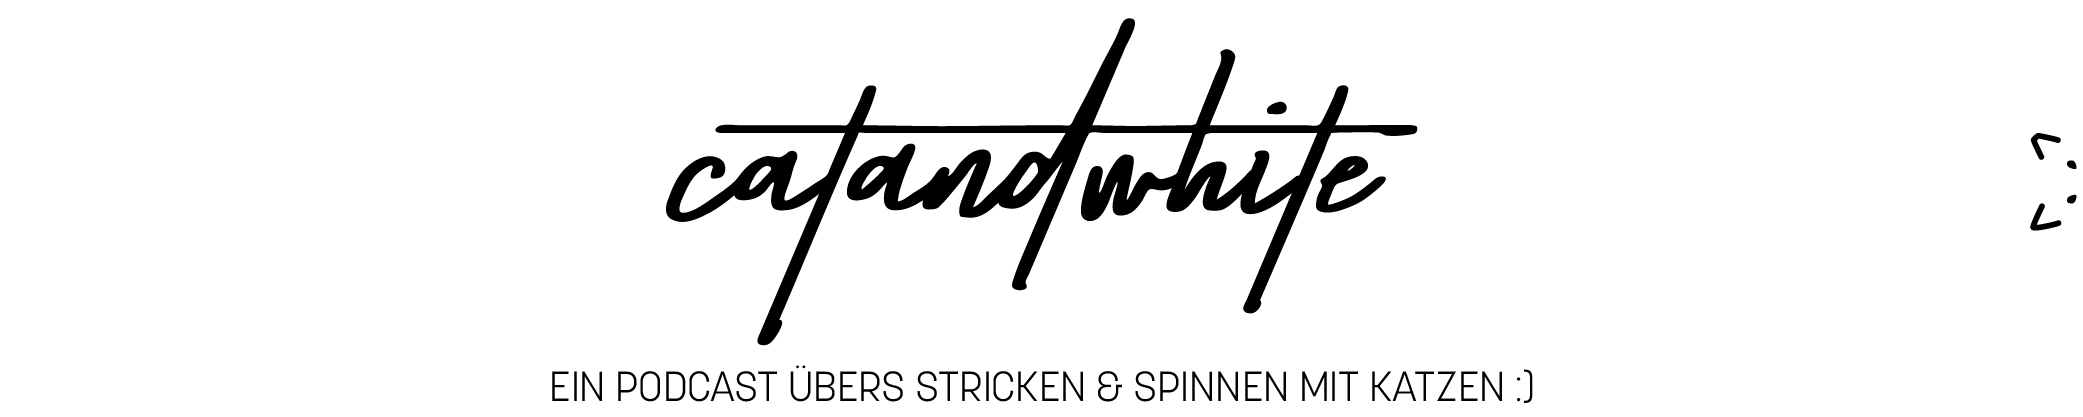 CATANDWHITE